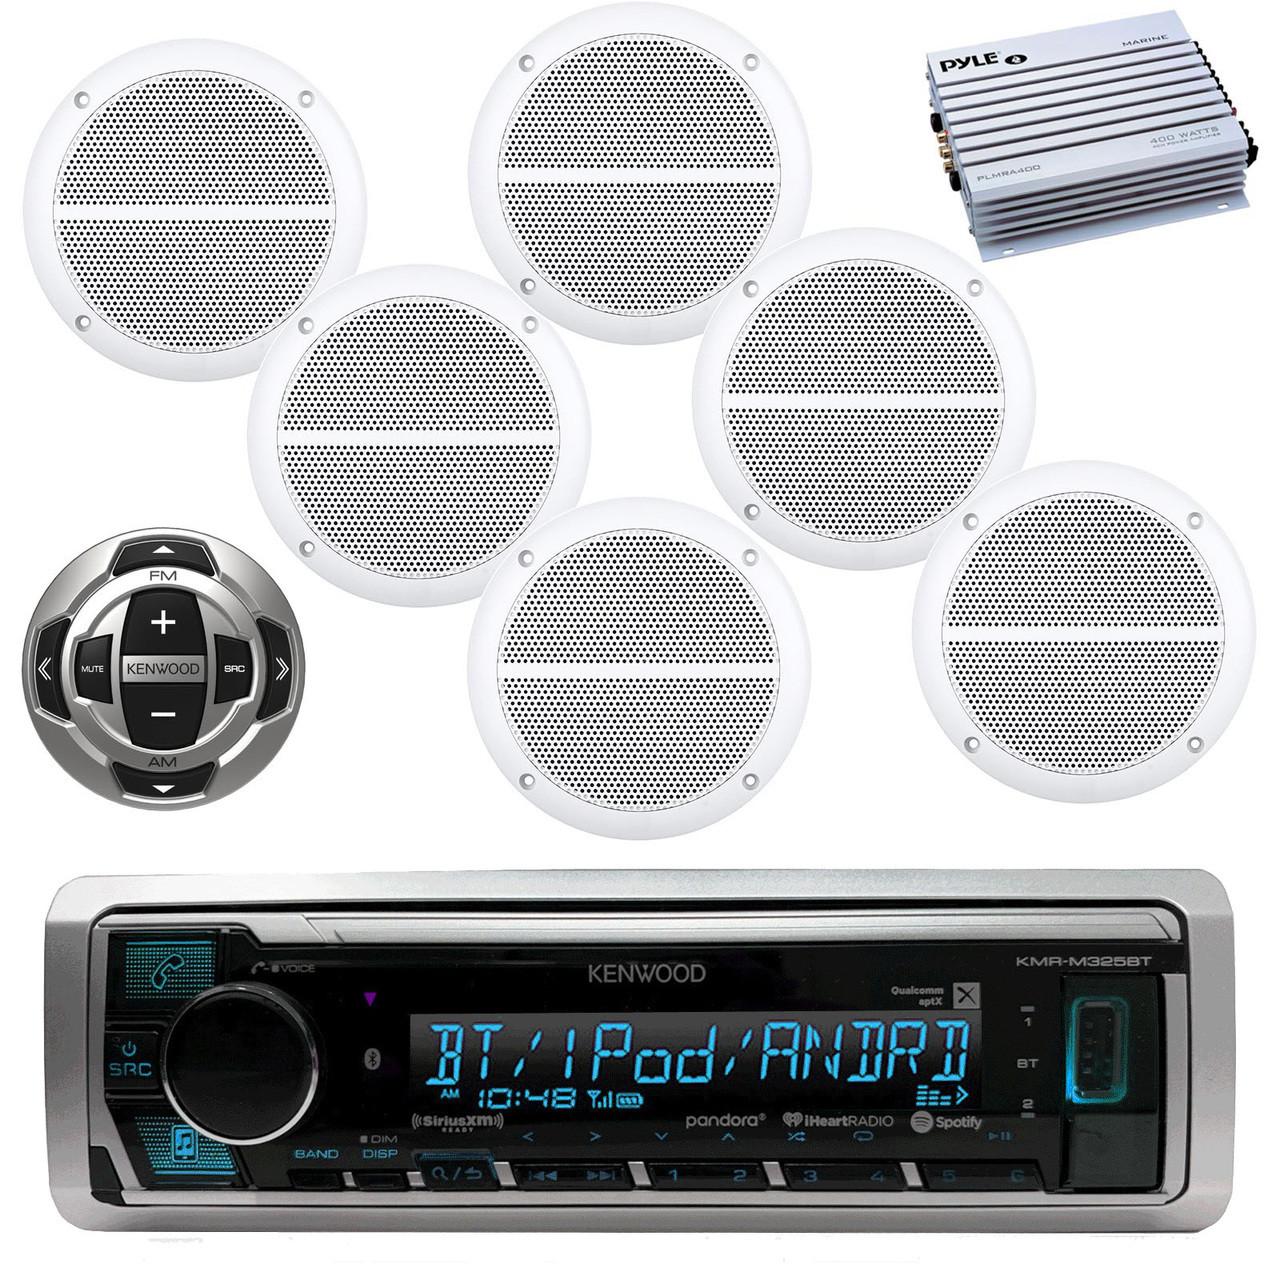 kenwood marine digital media bluetooth receiver 6x enrock marine 6 5 weather resistant speakers white pyle 4 channel waterproof amplifier white  [ 1280 x 1280 Pixel ]